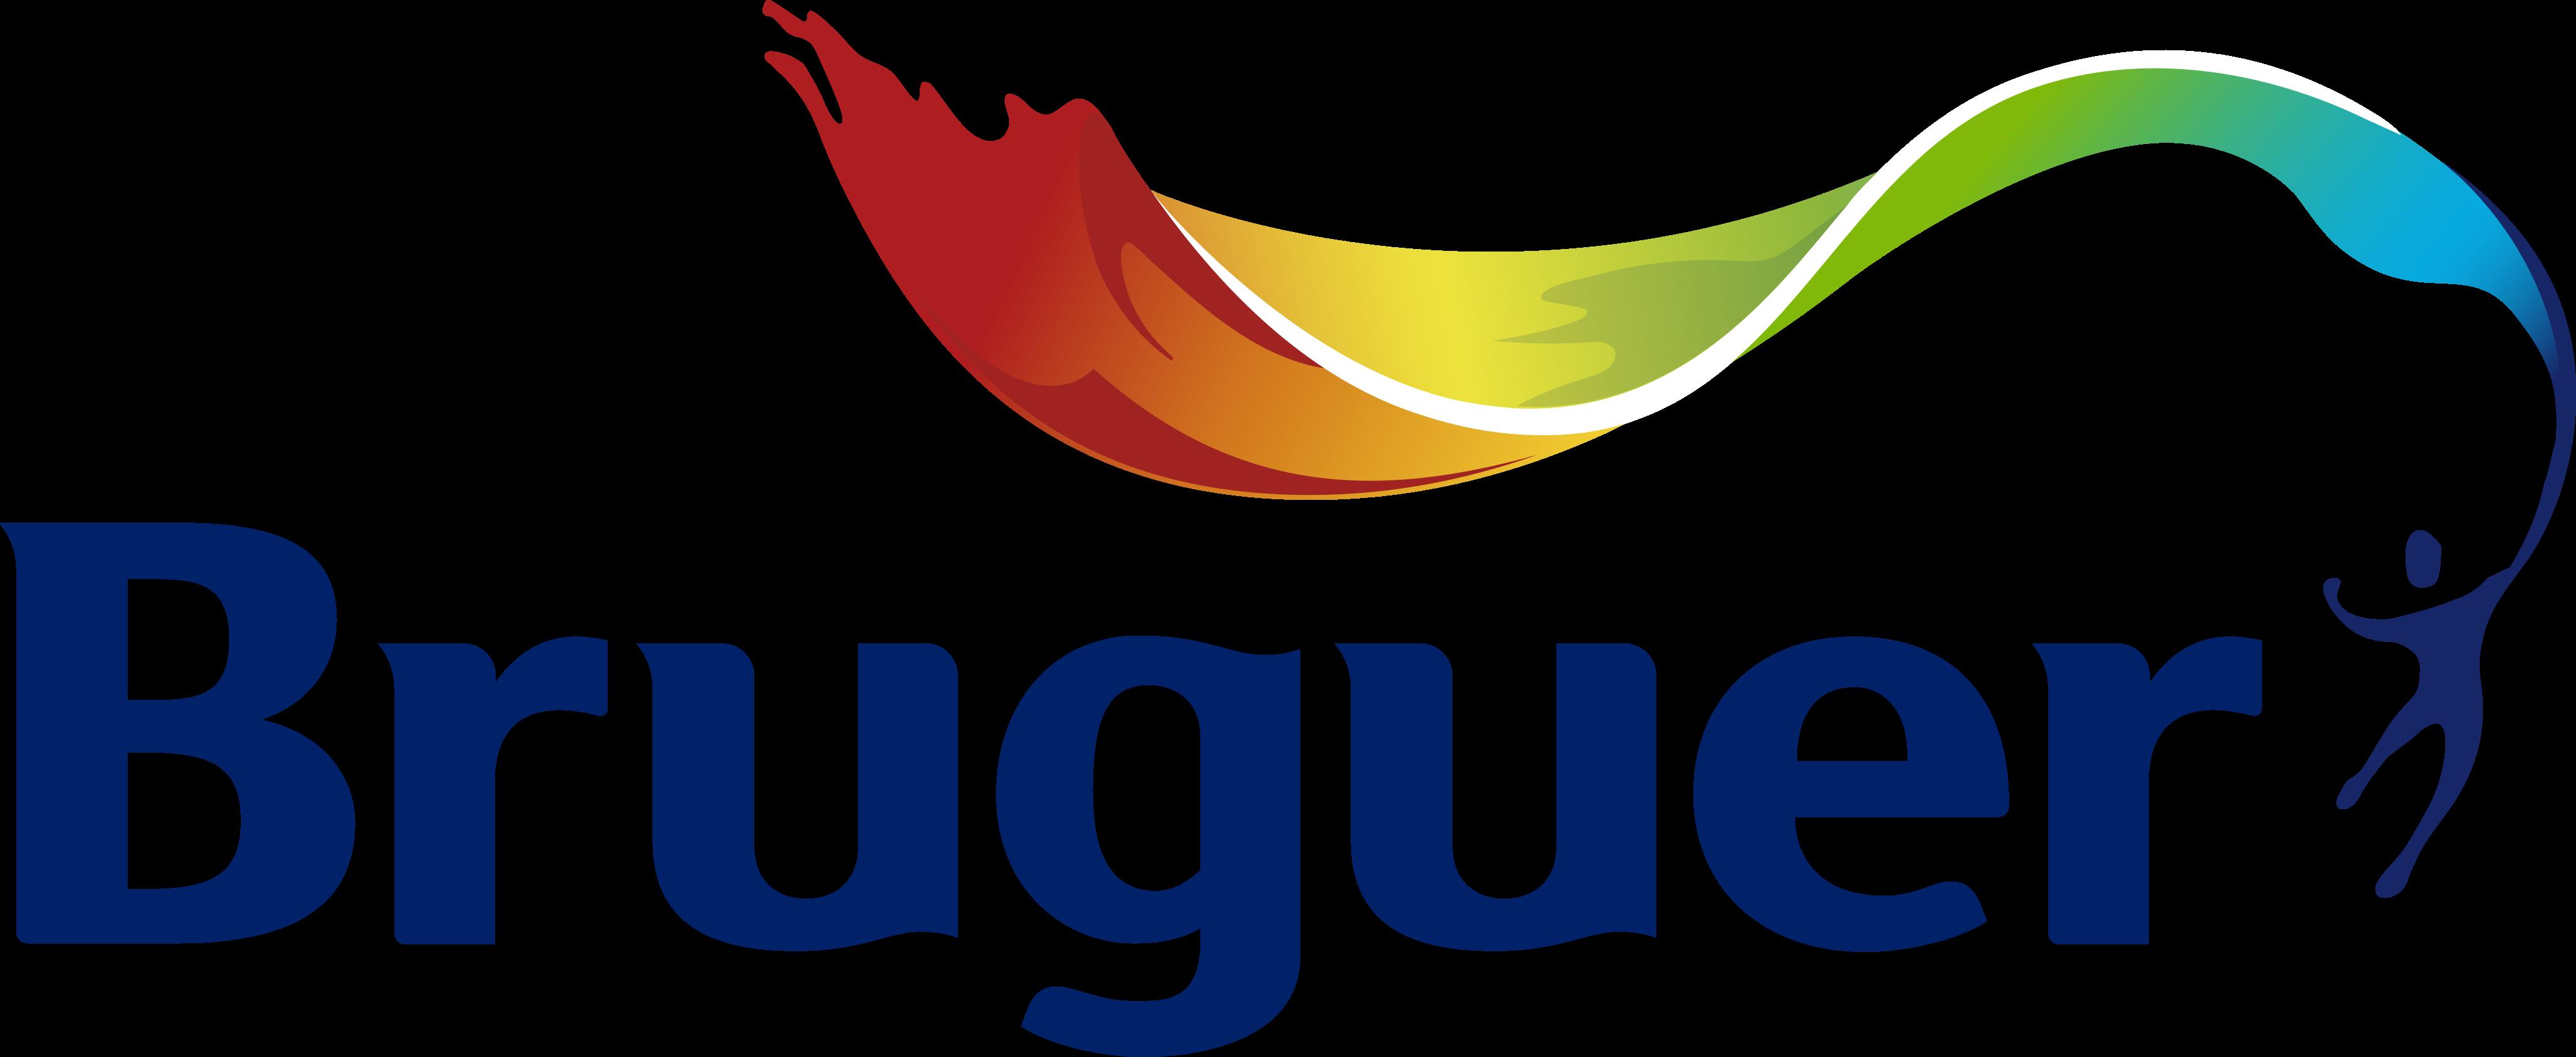 bruguer-logo